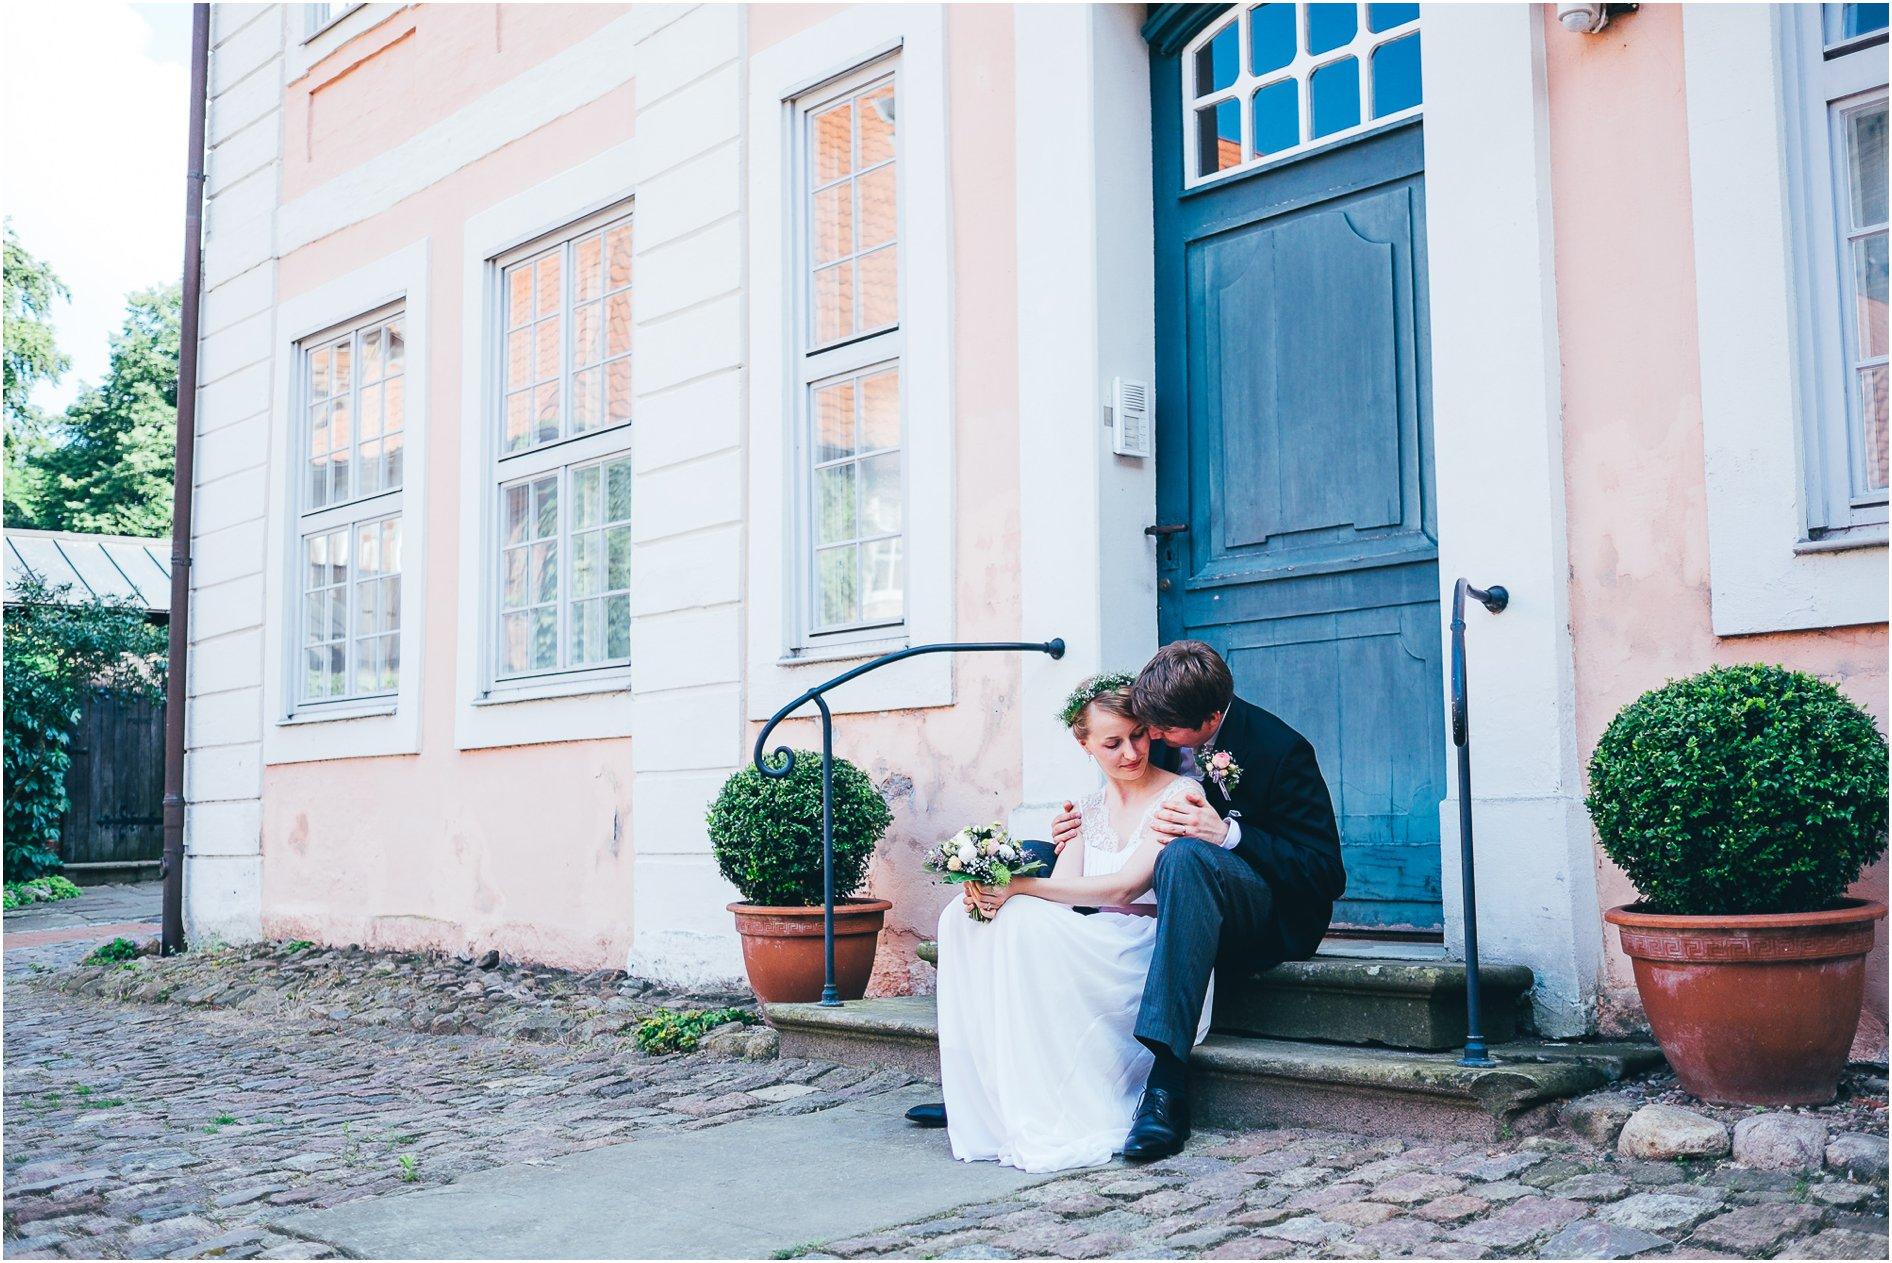 2014-10-13_0092 Jenny & Matthias - Hochzeitsfotograf auf Gut Bardenhagen